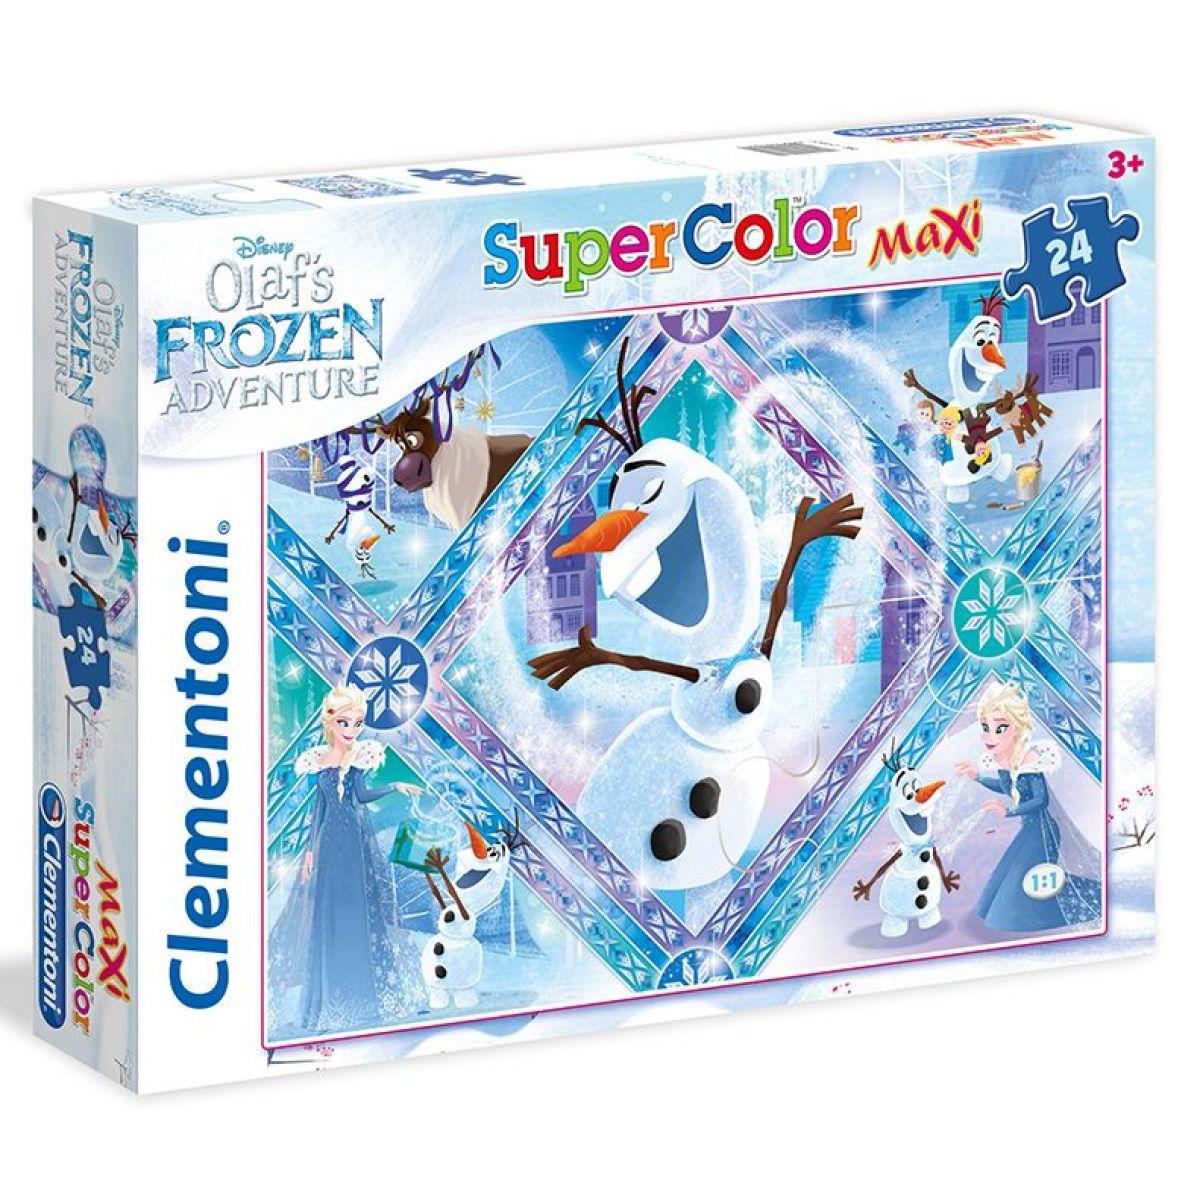 Clementoni Ľadové kráľovstvo Supercolor Maxi Olaf 24 dielikov